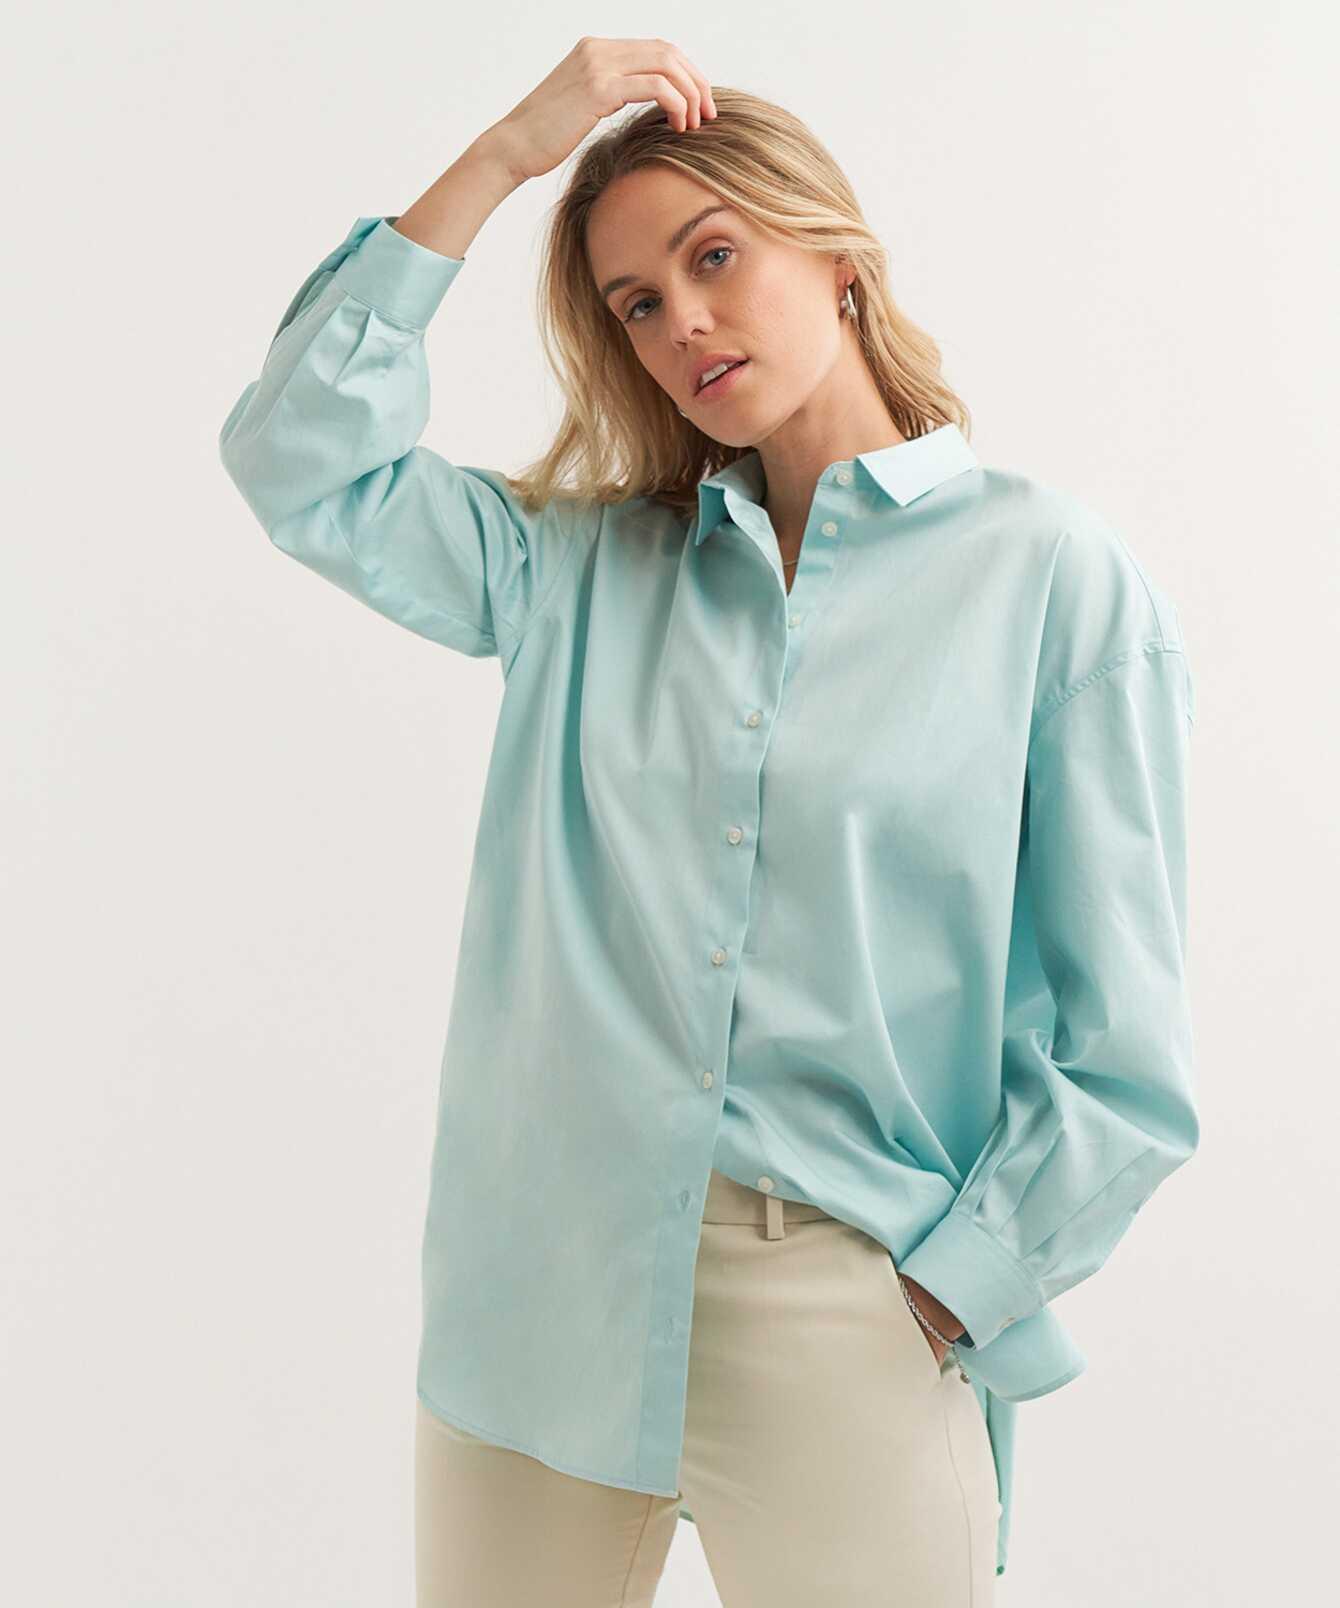 Skjorta Elsa Cotton Poplin Ljusgrön The Shirt Factory